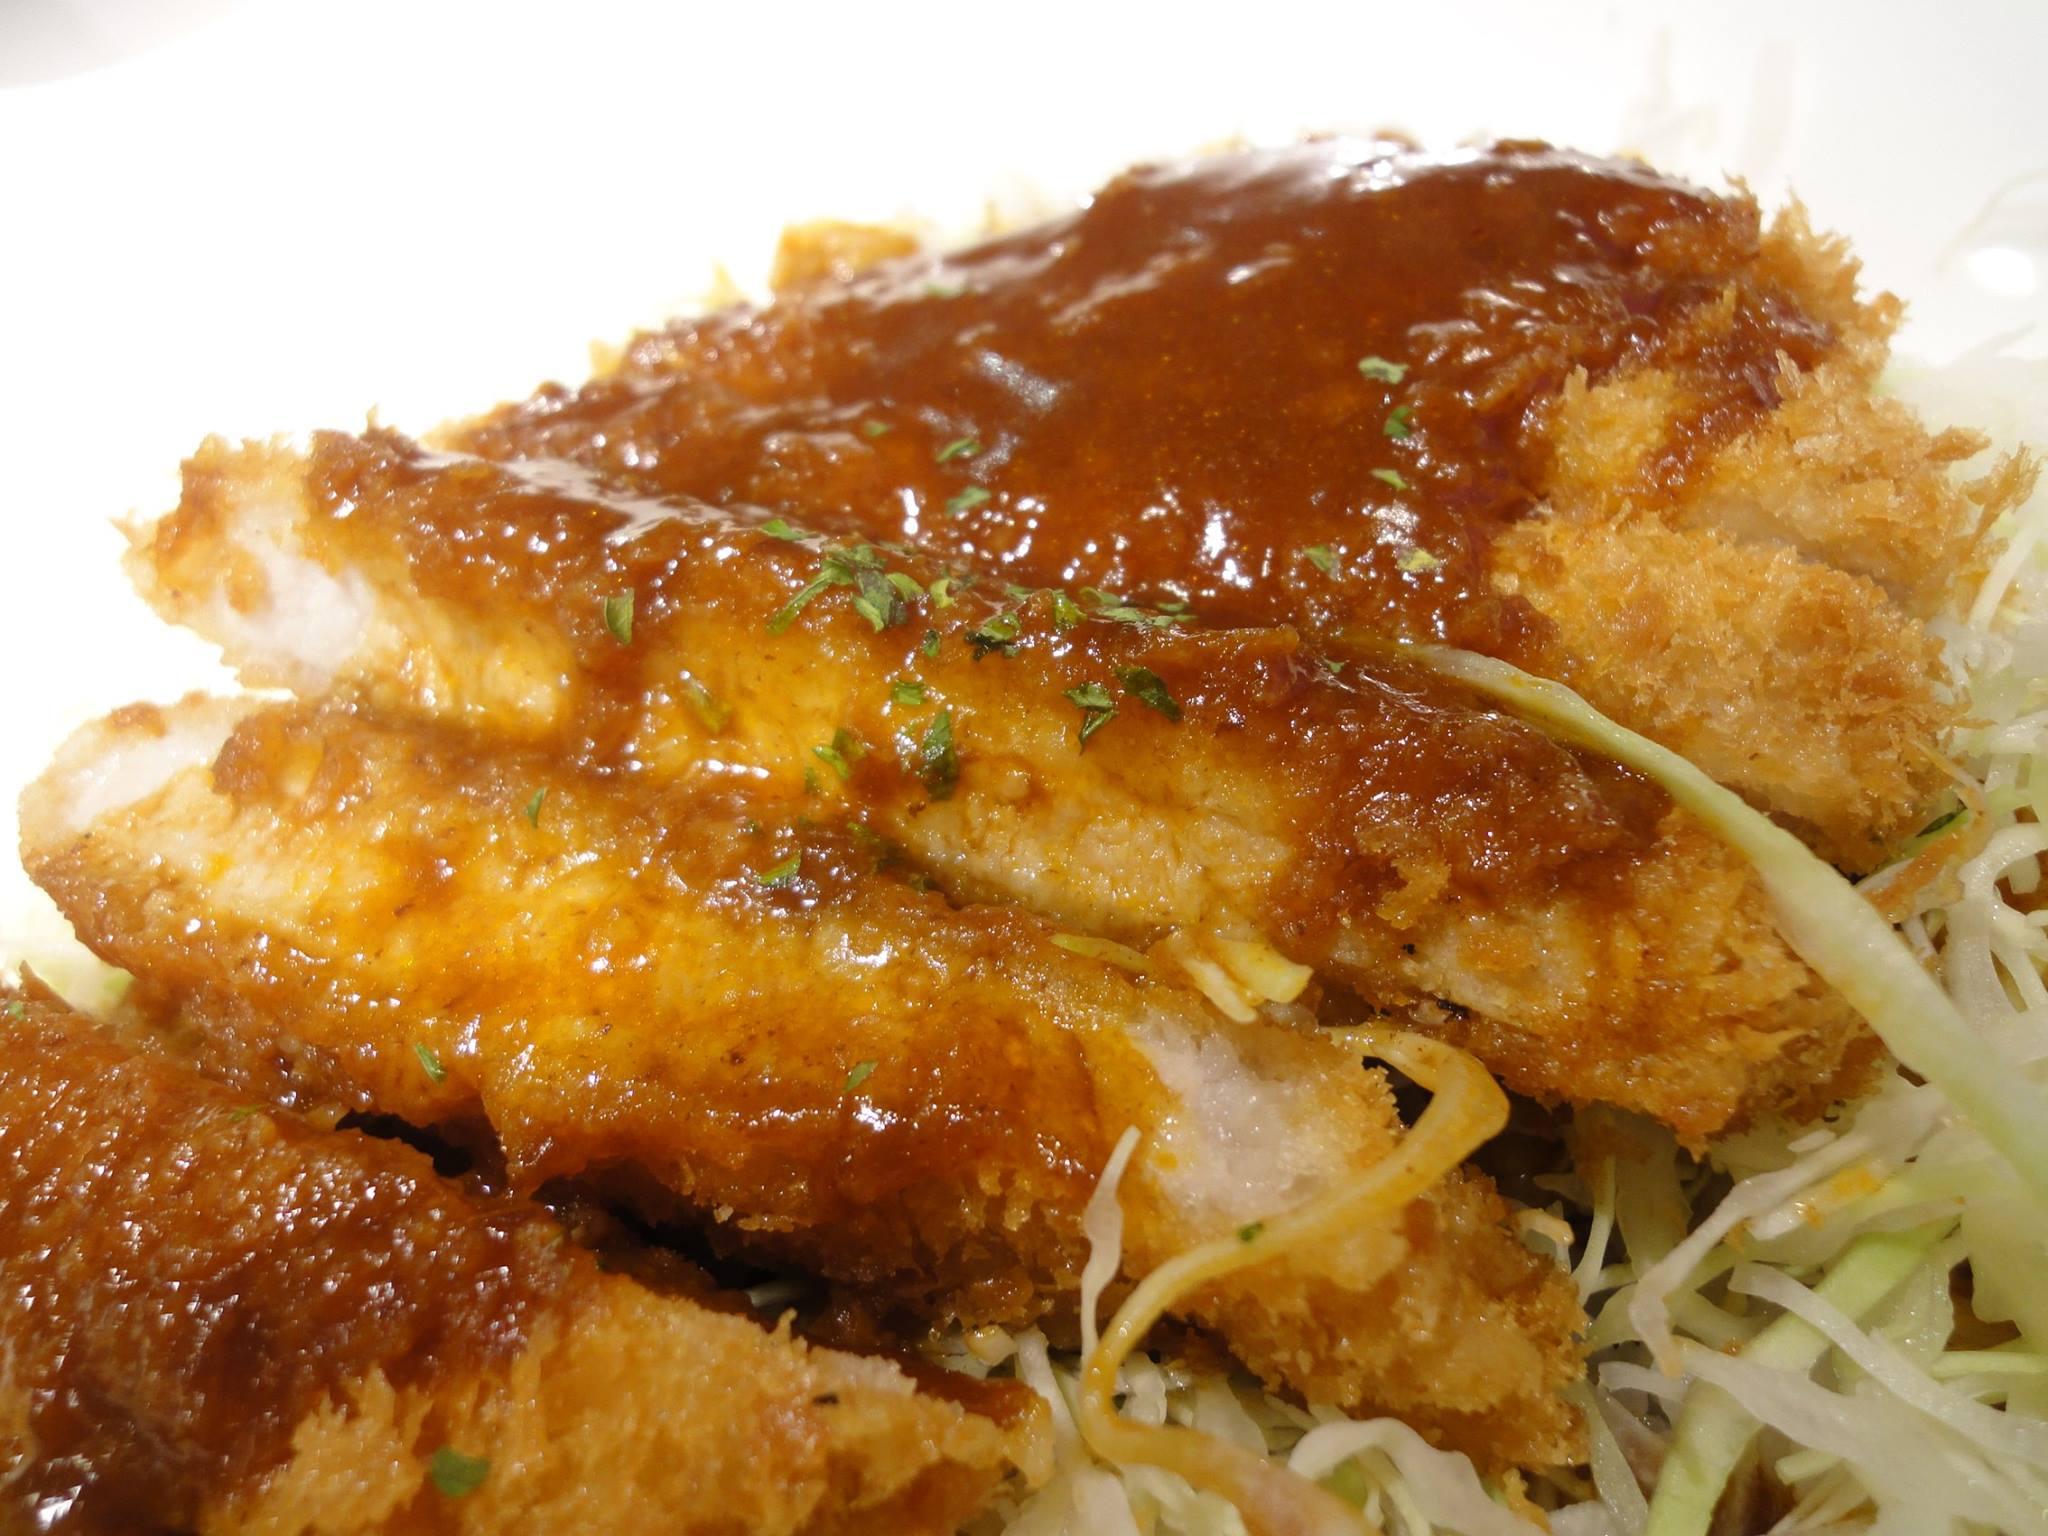 ケンミンショー デミカツ丼@岡山 やまと/野村の和風ソースのレシピはラーメンが?5月25日